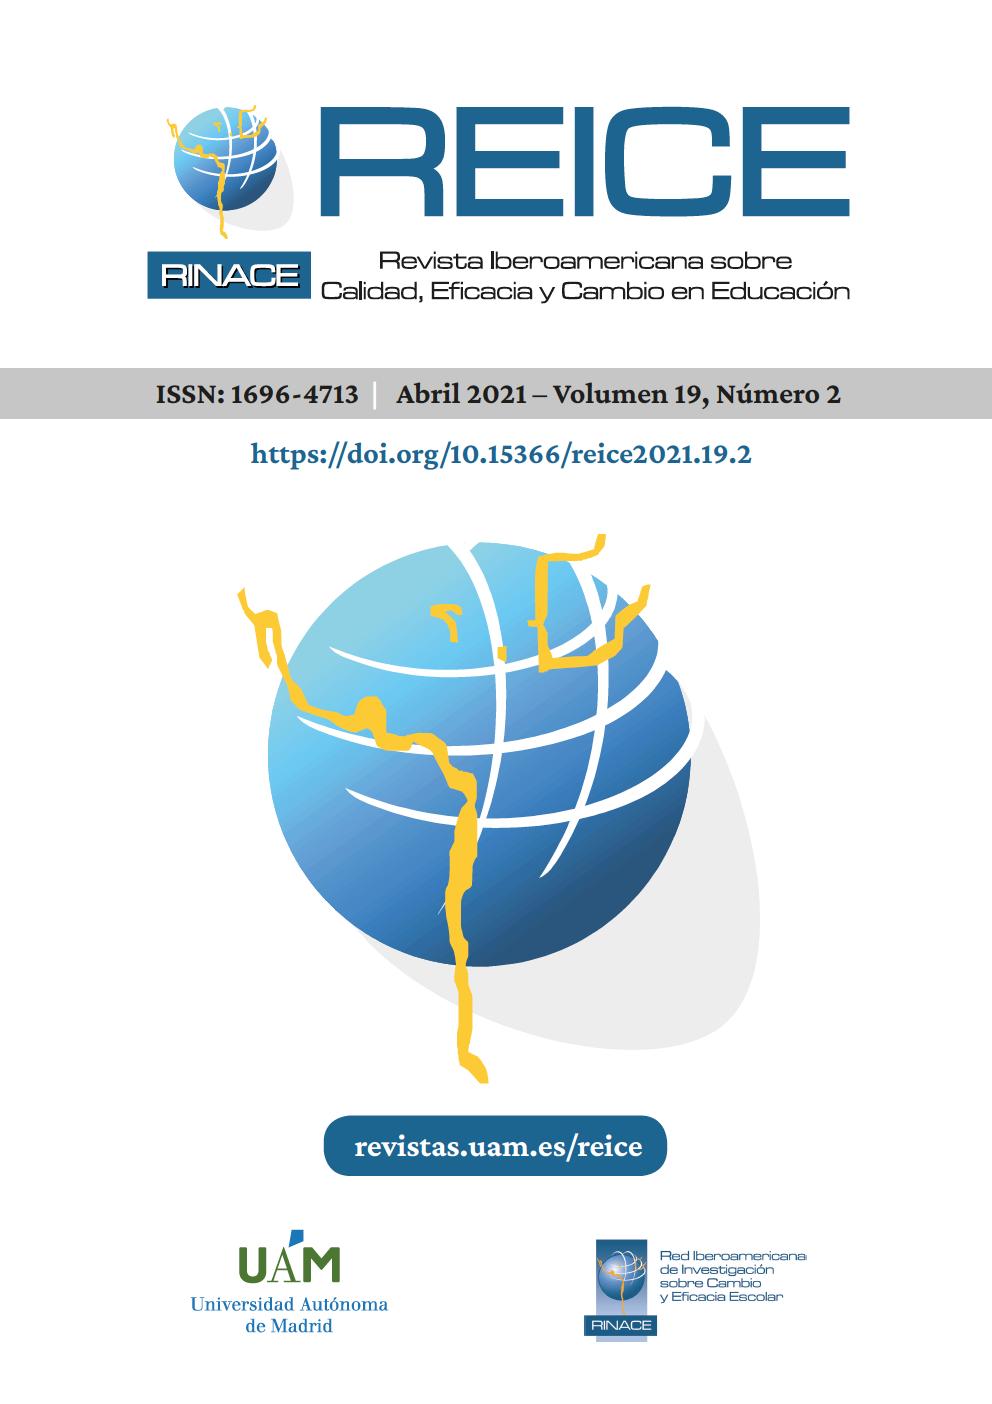 Portada del volumen 19, número 2 de la Revista Iberoamericana de Calidad, Eficacia y Cambio en Educación